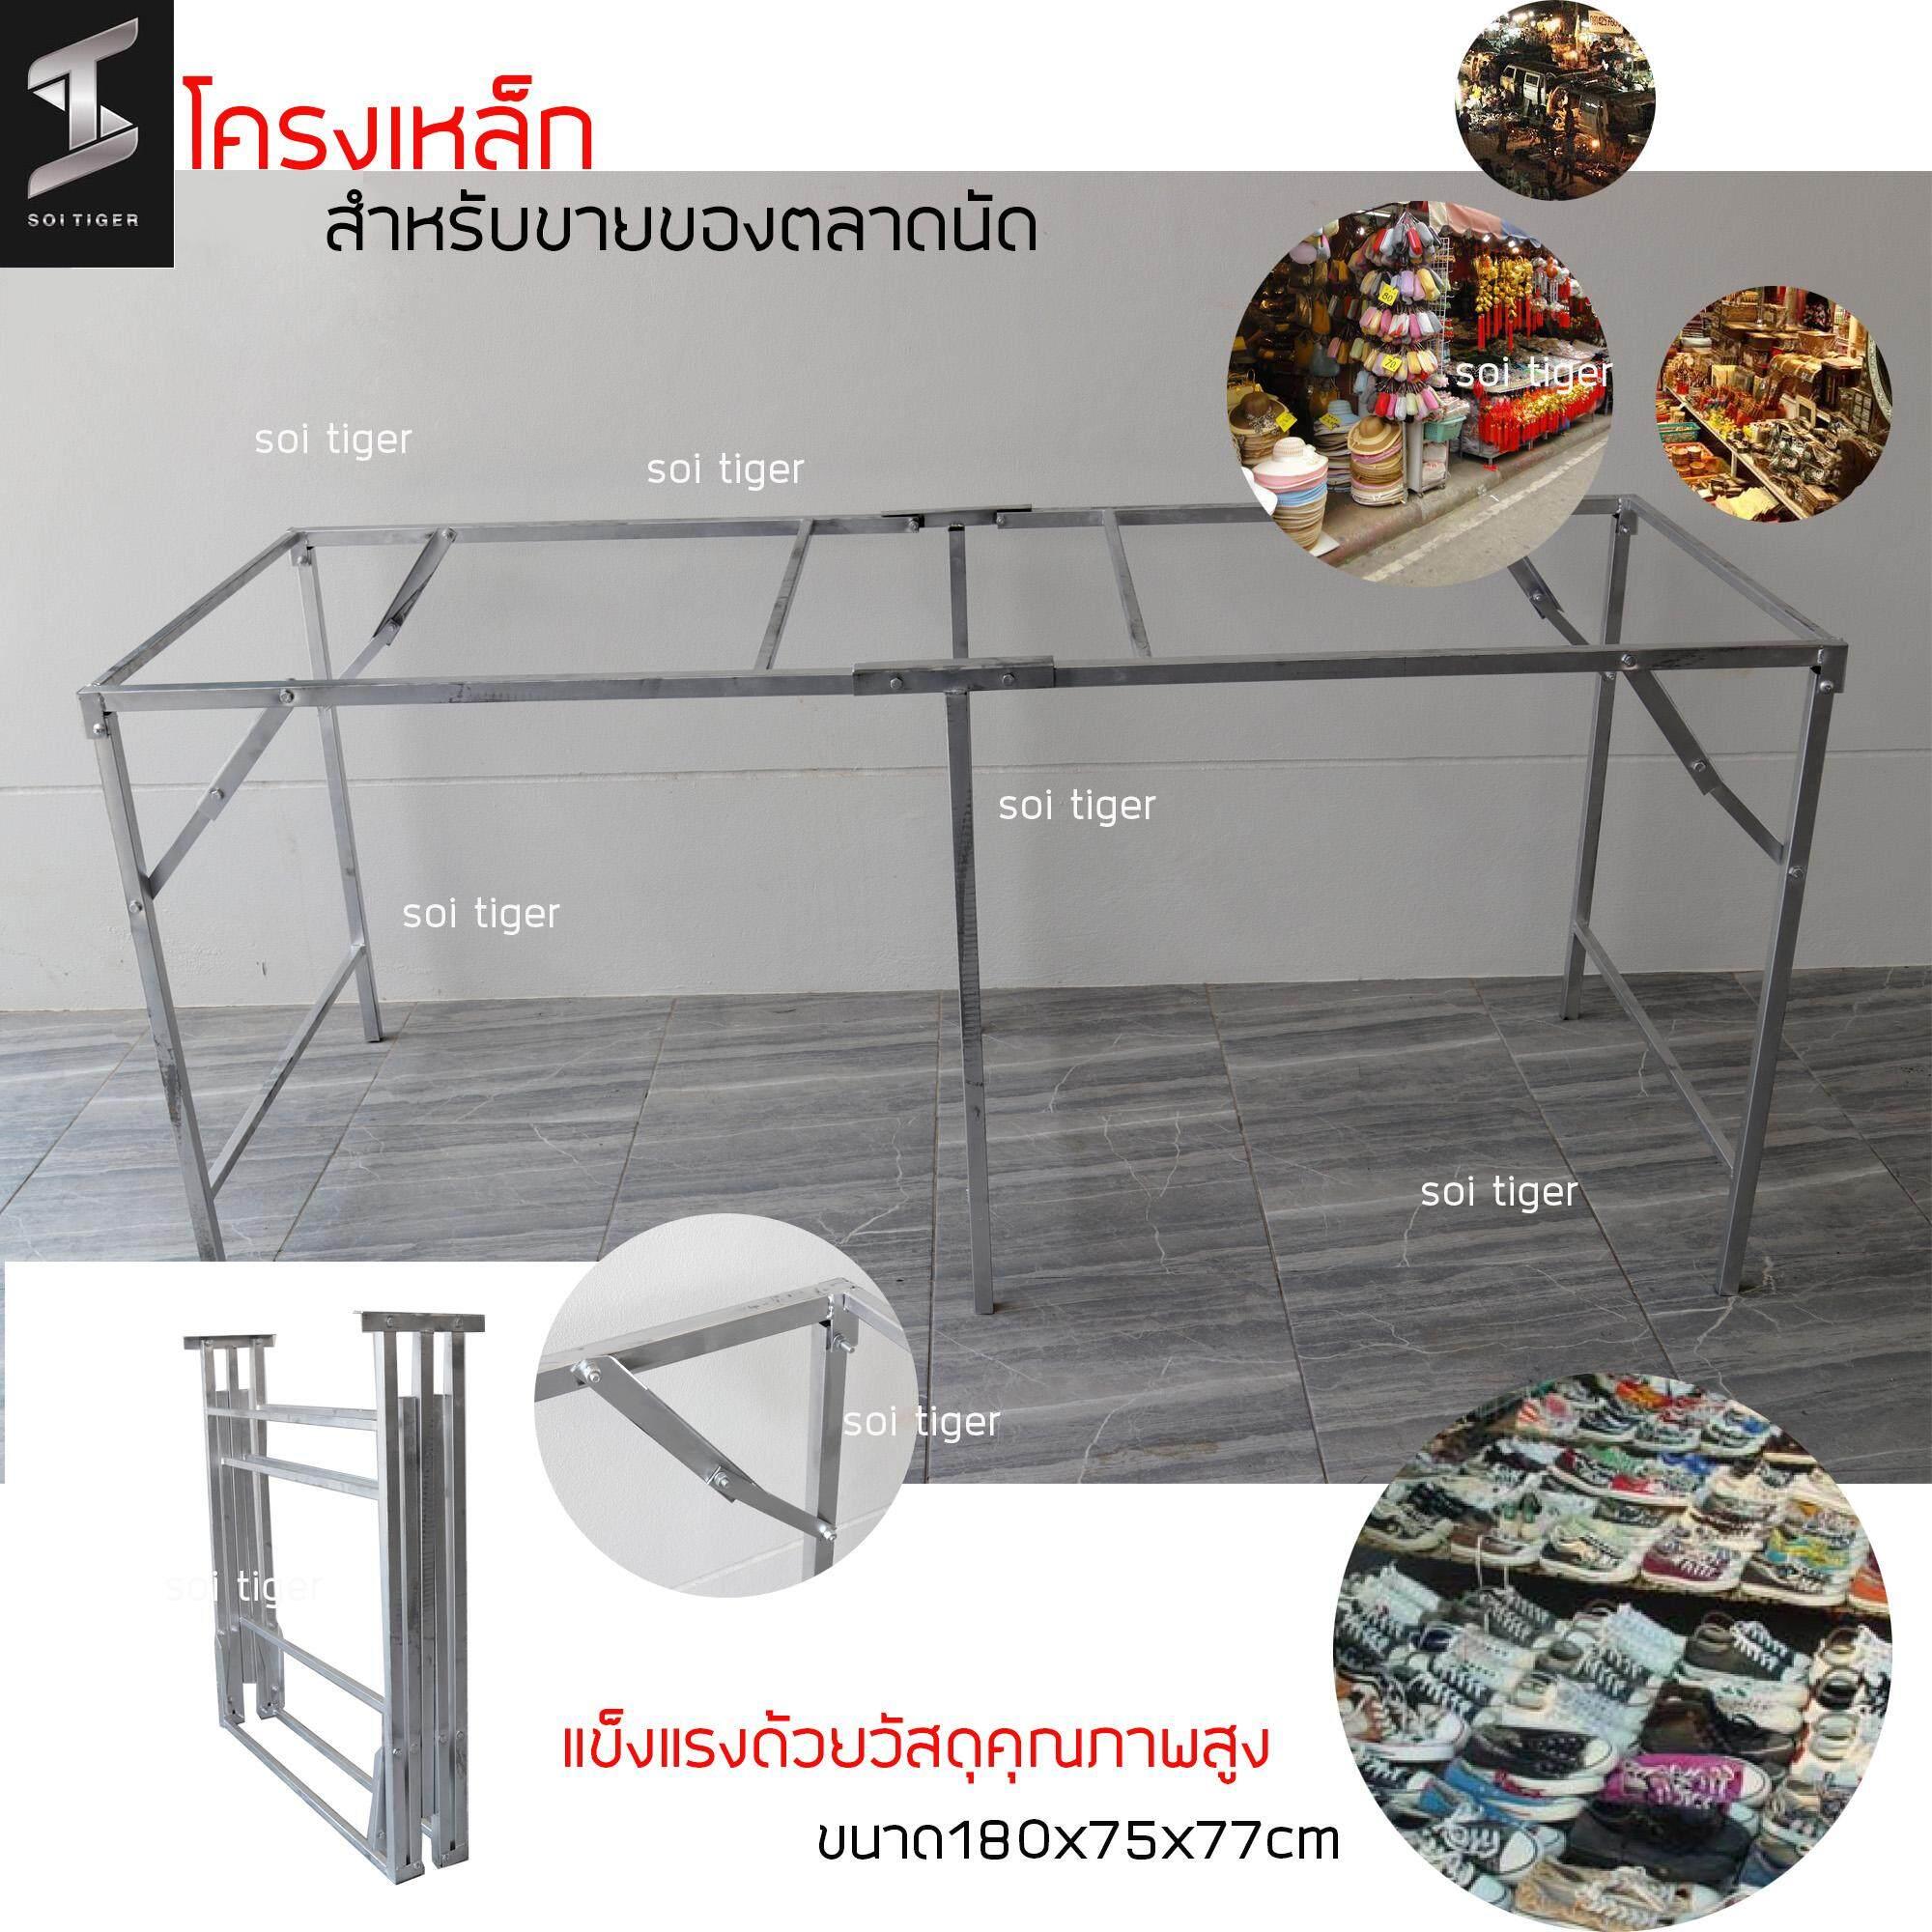 Soi Tiger โครงเหล็ก ทำโต๊ะขายของแบบพับเก็บได้ ใช้ขายของตลาดนัด พกพาสะดวก ขนาด 1.8 เมตร By Soi Tiger.